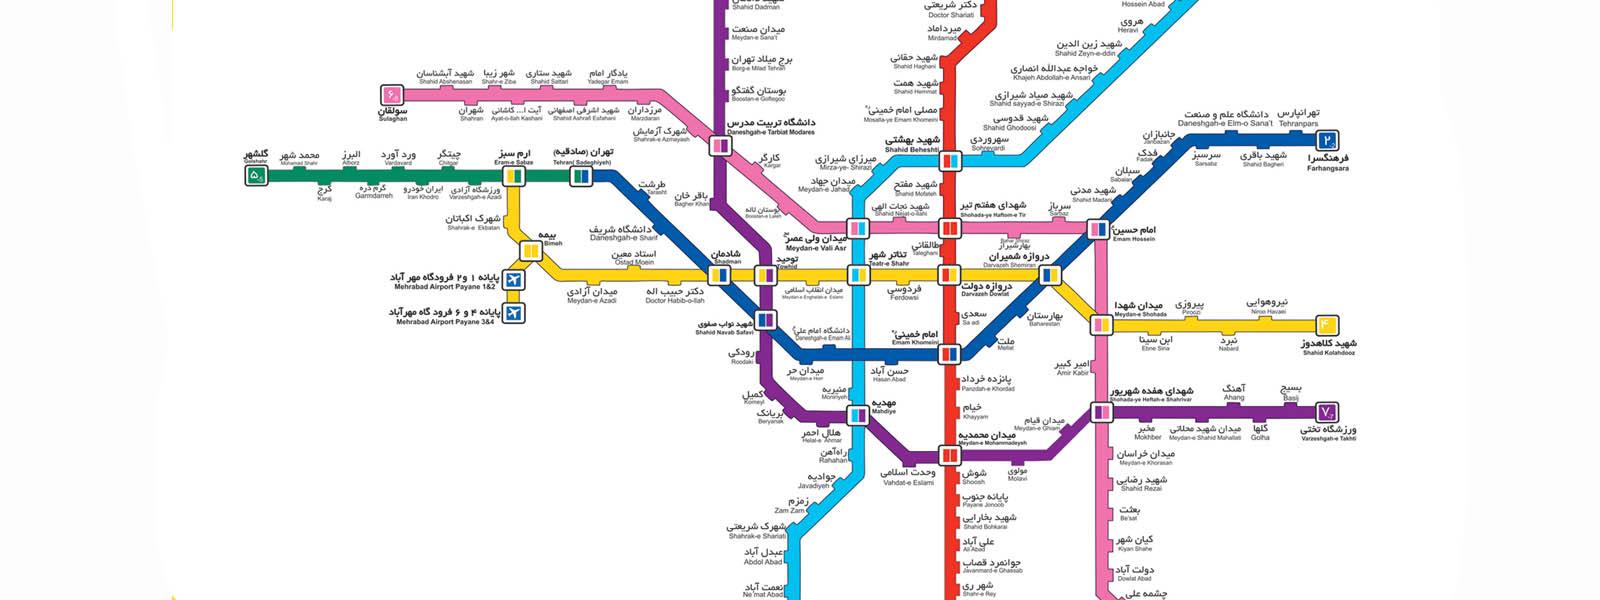 تبلیغ مترو